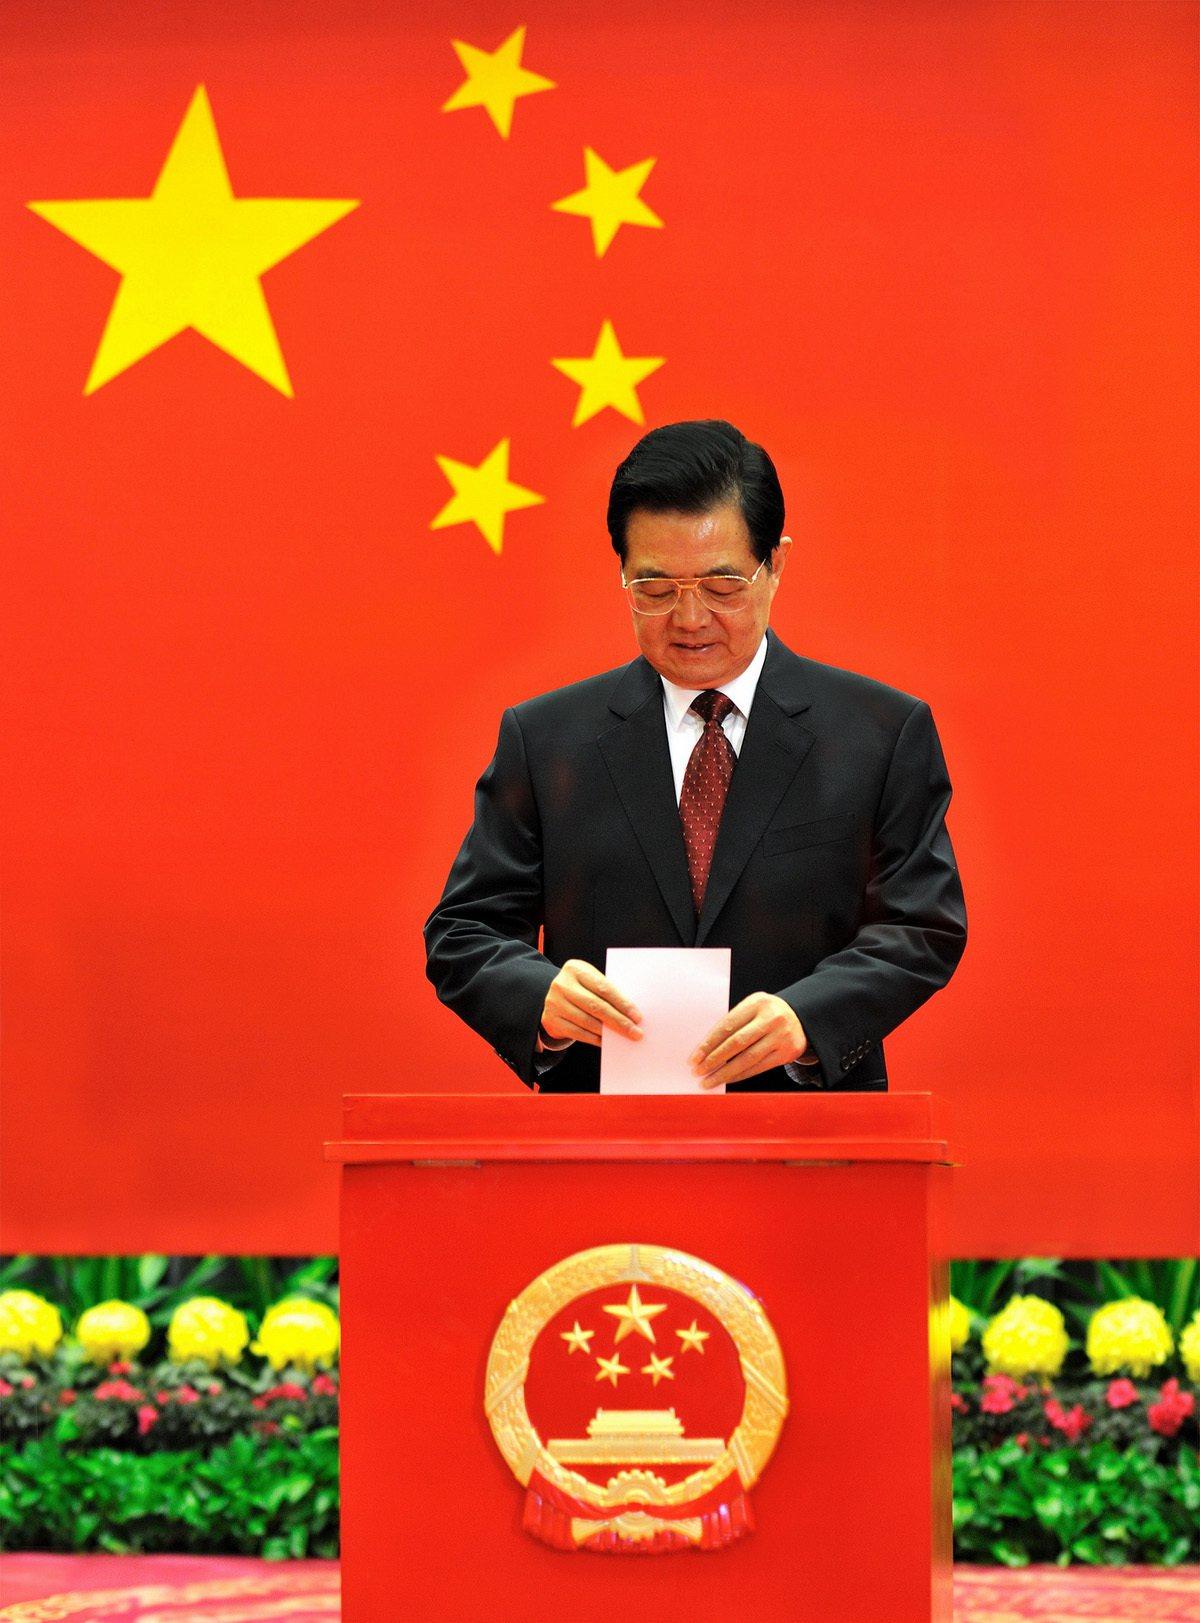 胡锦涛重病?缺席北京人大选举